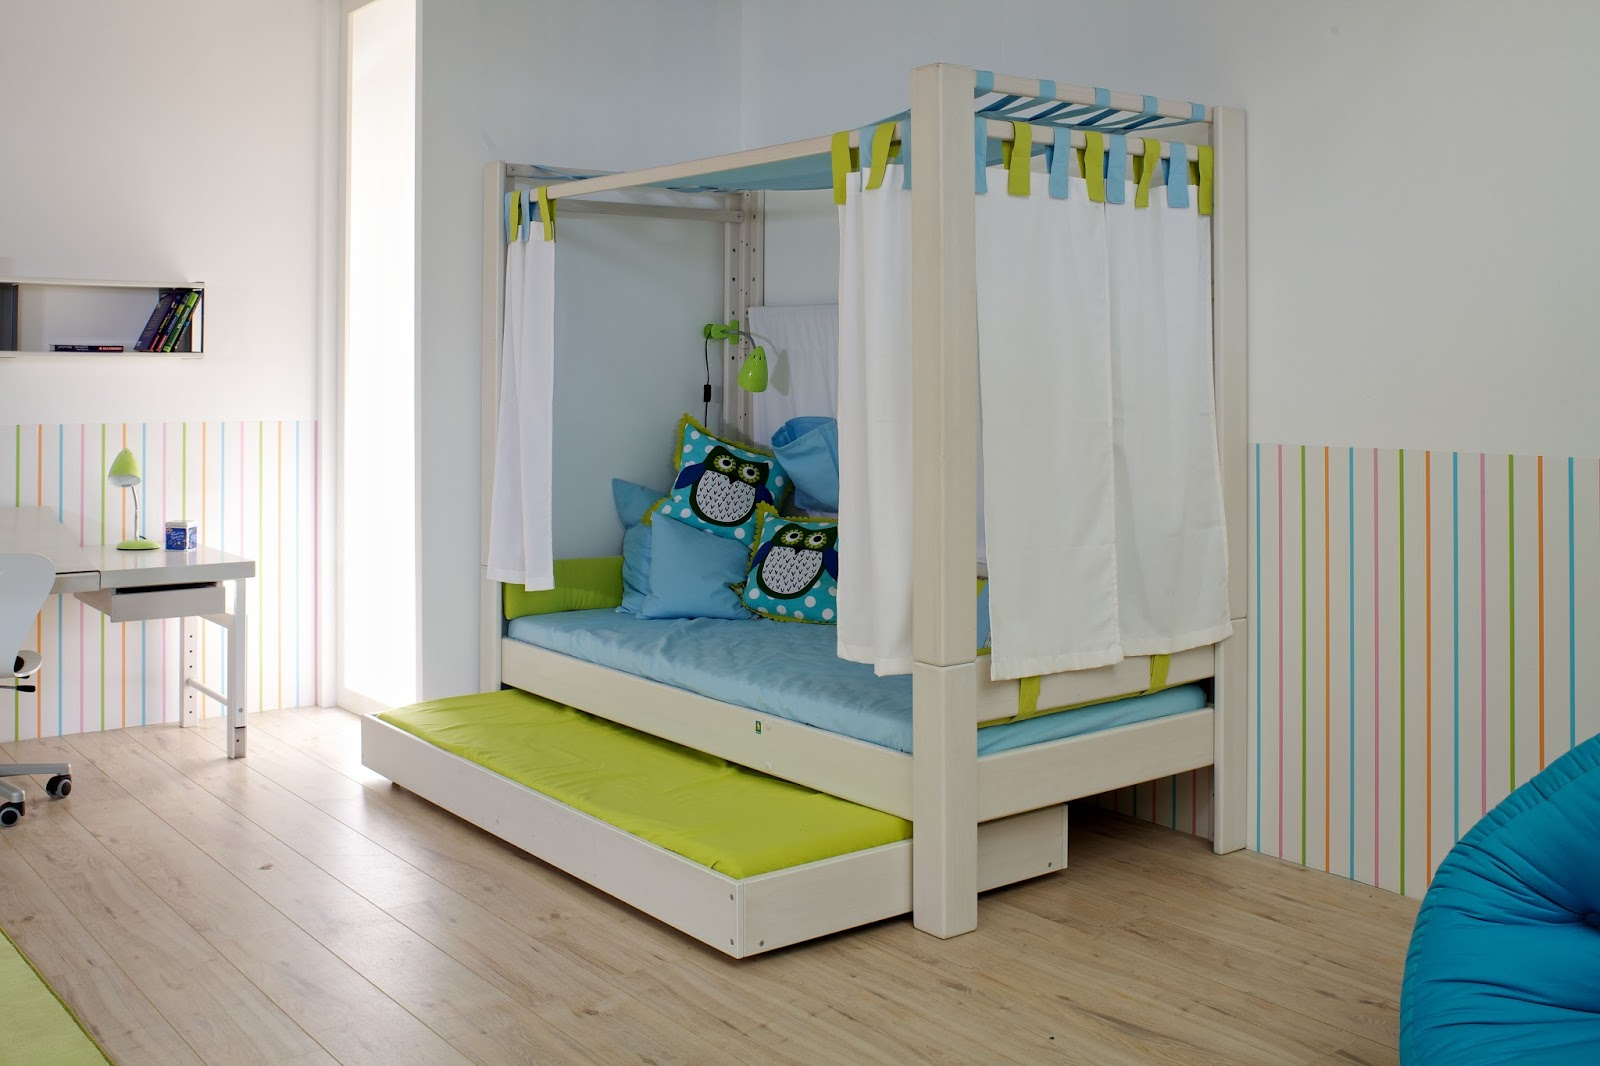 Ein Bett Das Sich Den Bedurfnissen Der Kinder Anpasst Mit